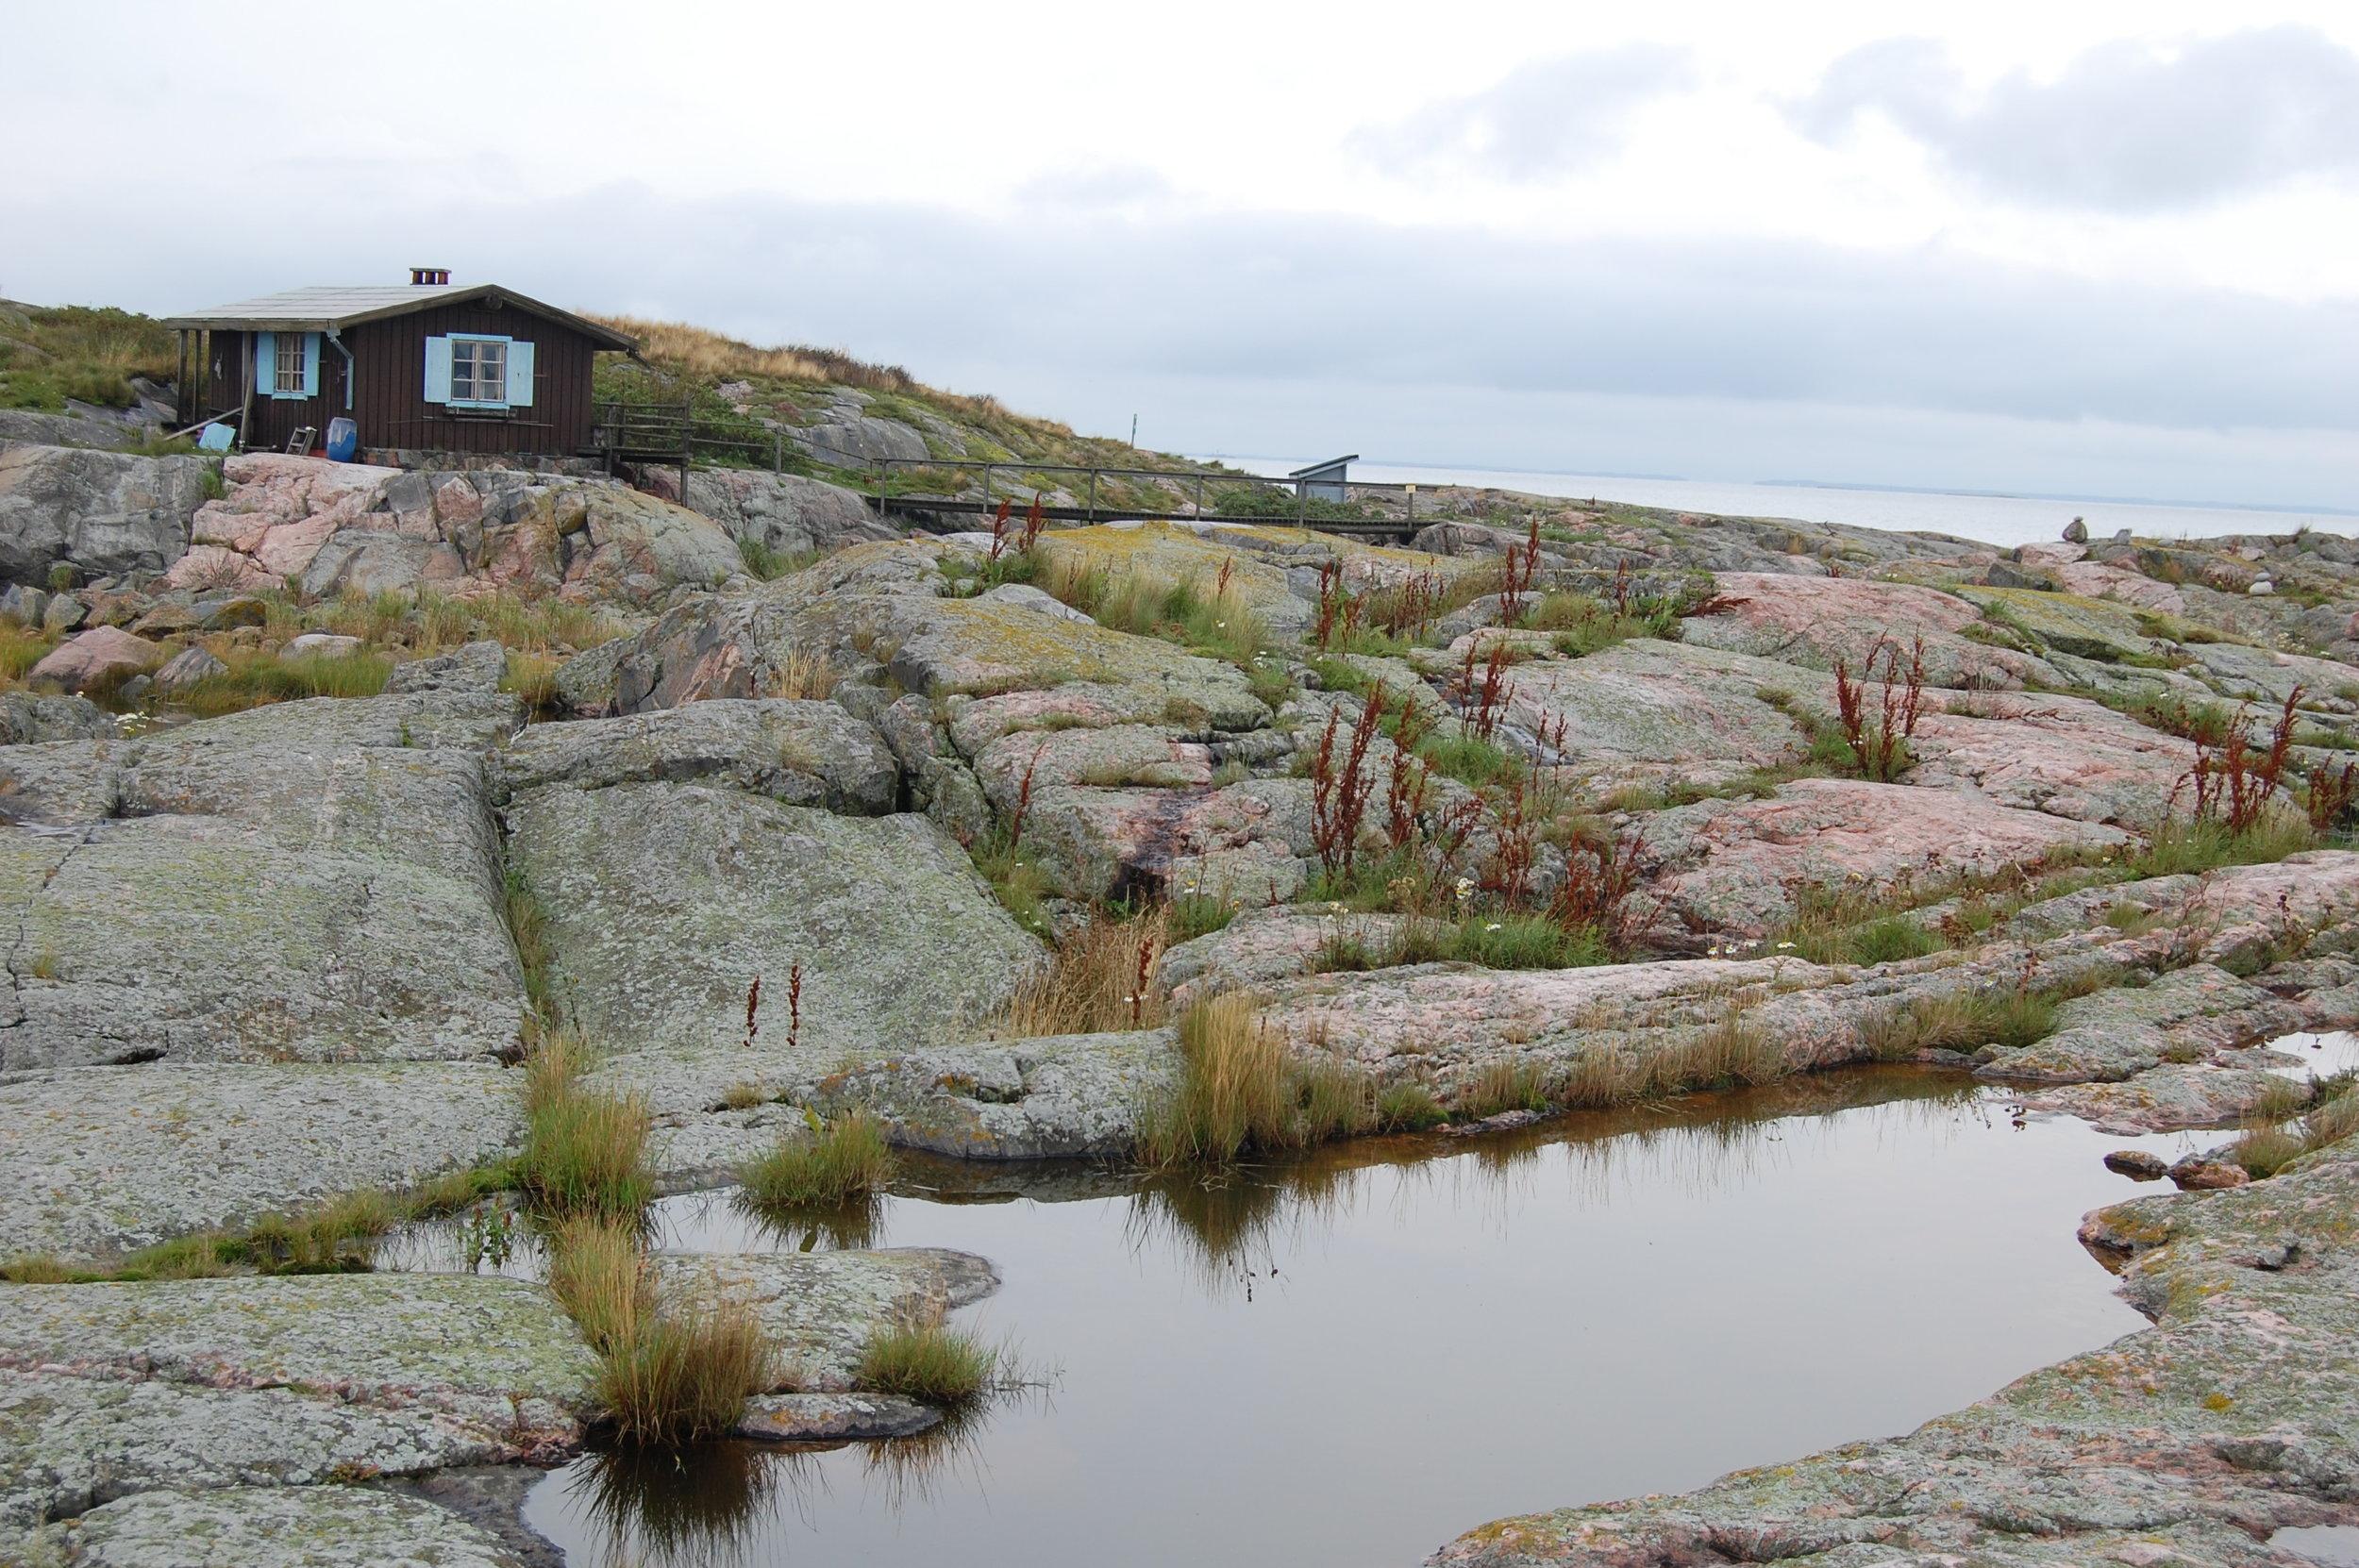 Klovharun, Klovharu, Haru. Rakkaalla saarella on monta nimiä. Kuva: Visit Porvoo